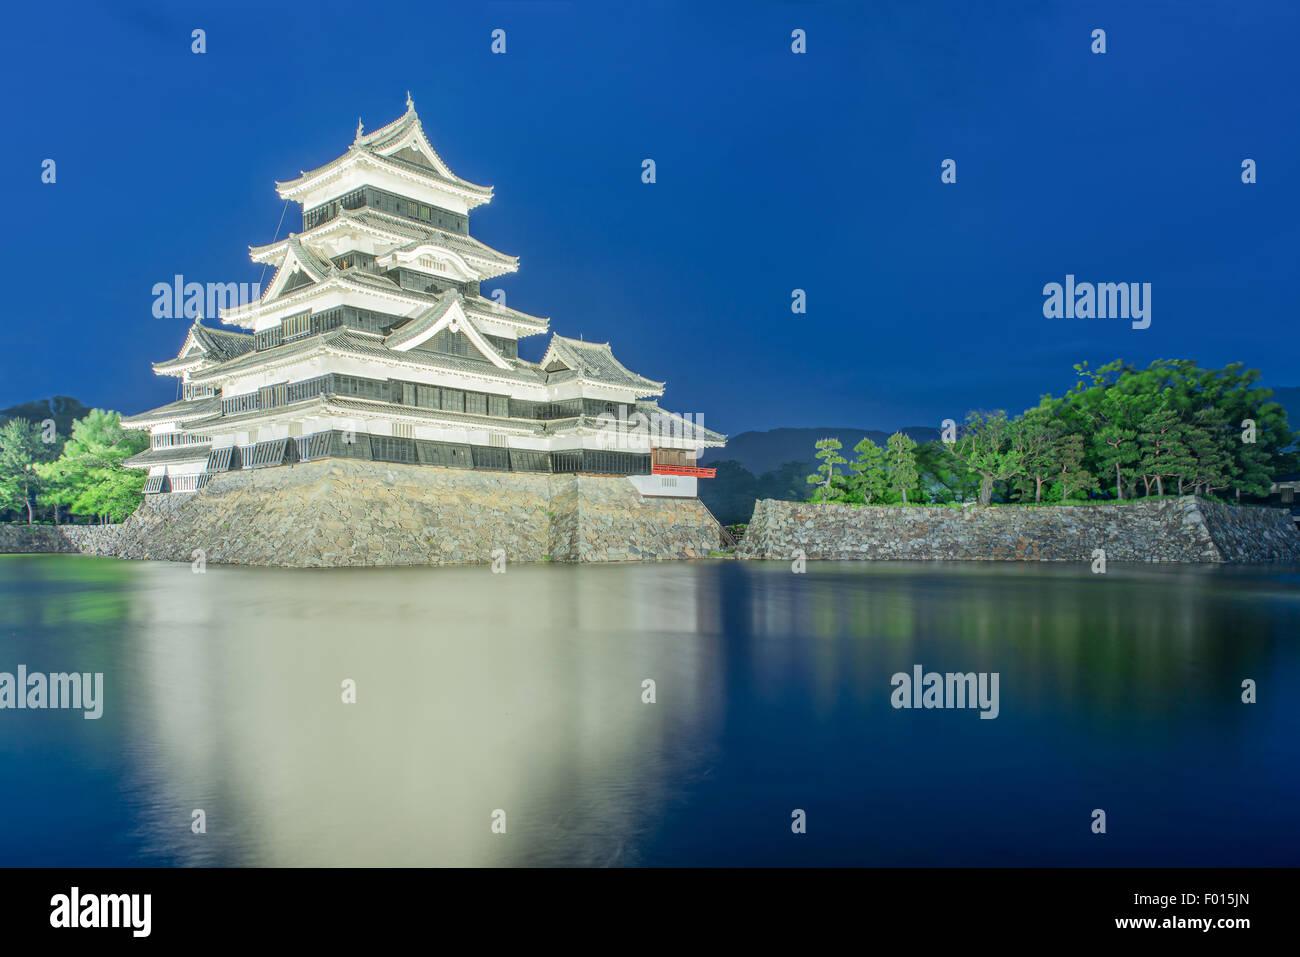 Château de Matsumoto à Matsumoto, Japon,ville Nagono Photo Stock